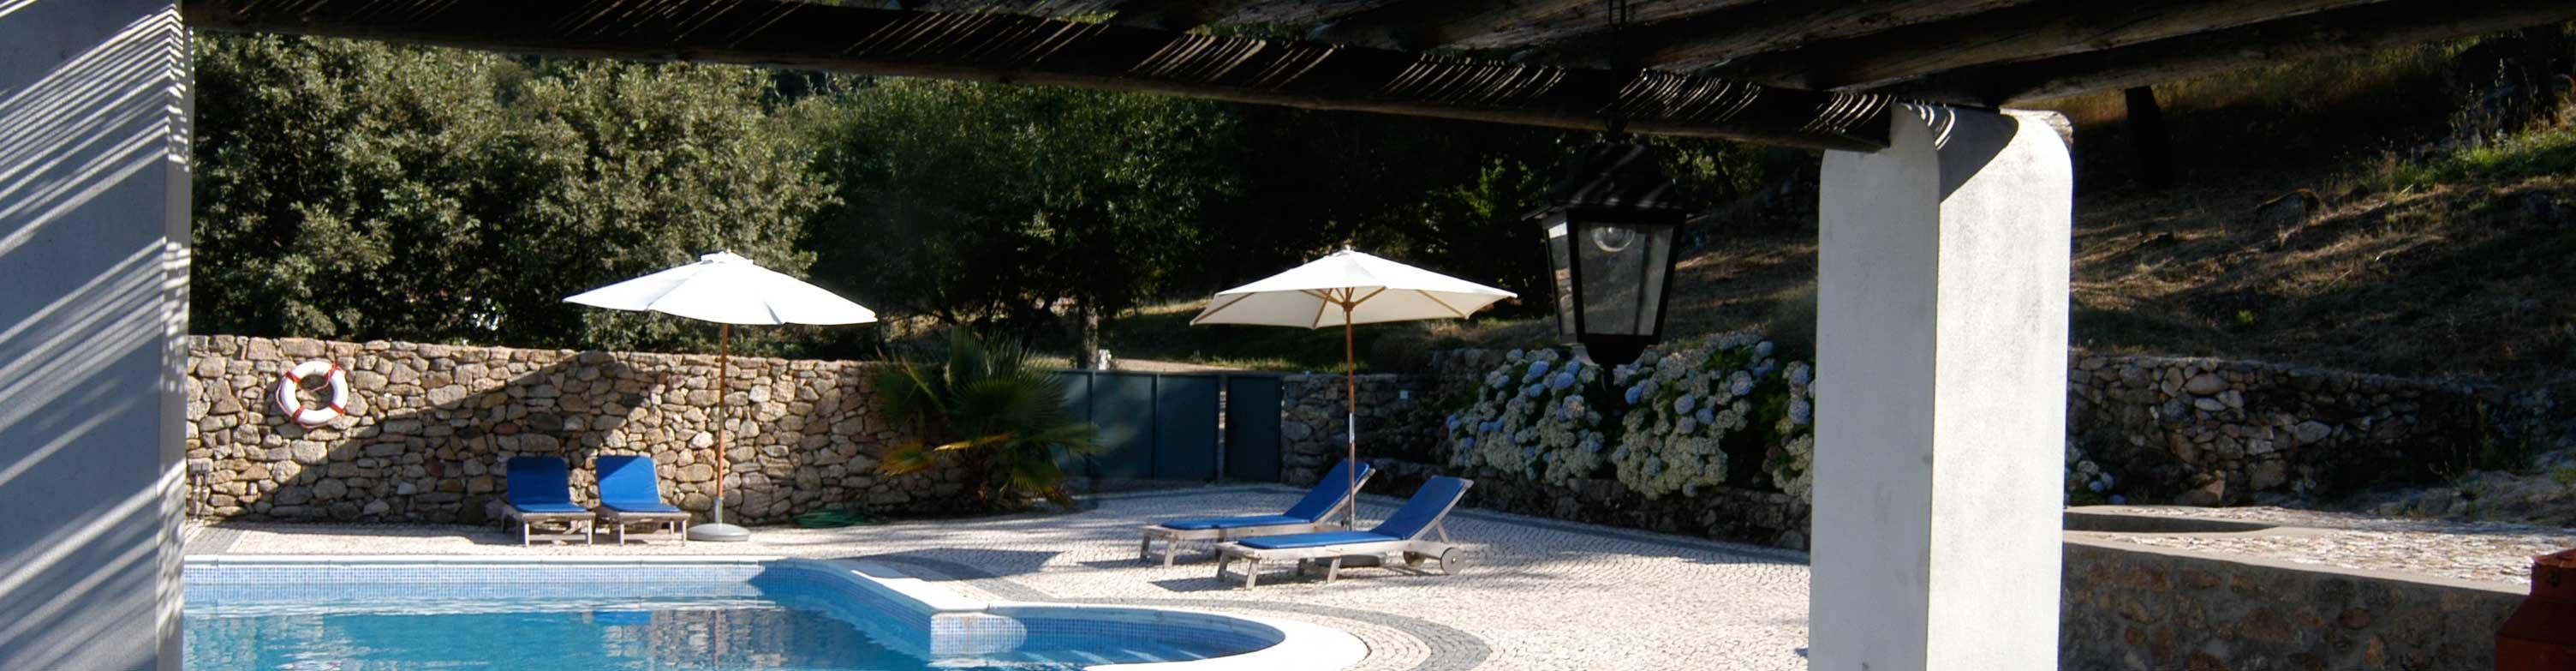 swimming pool pergola